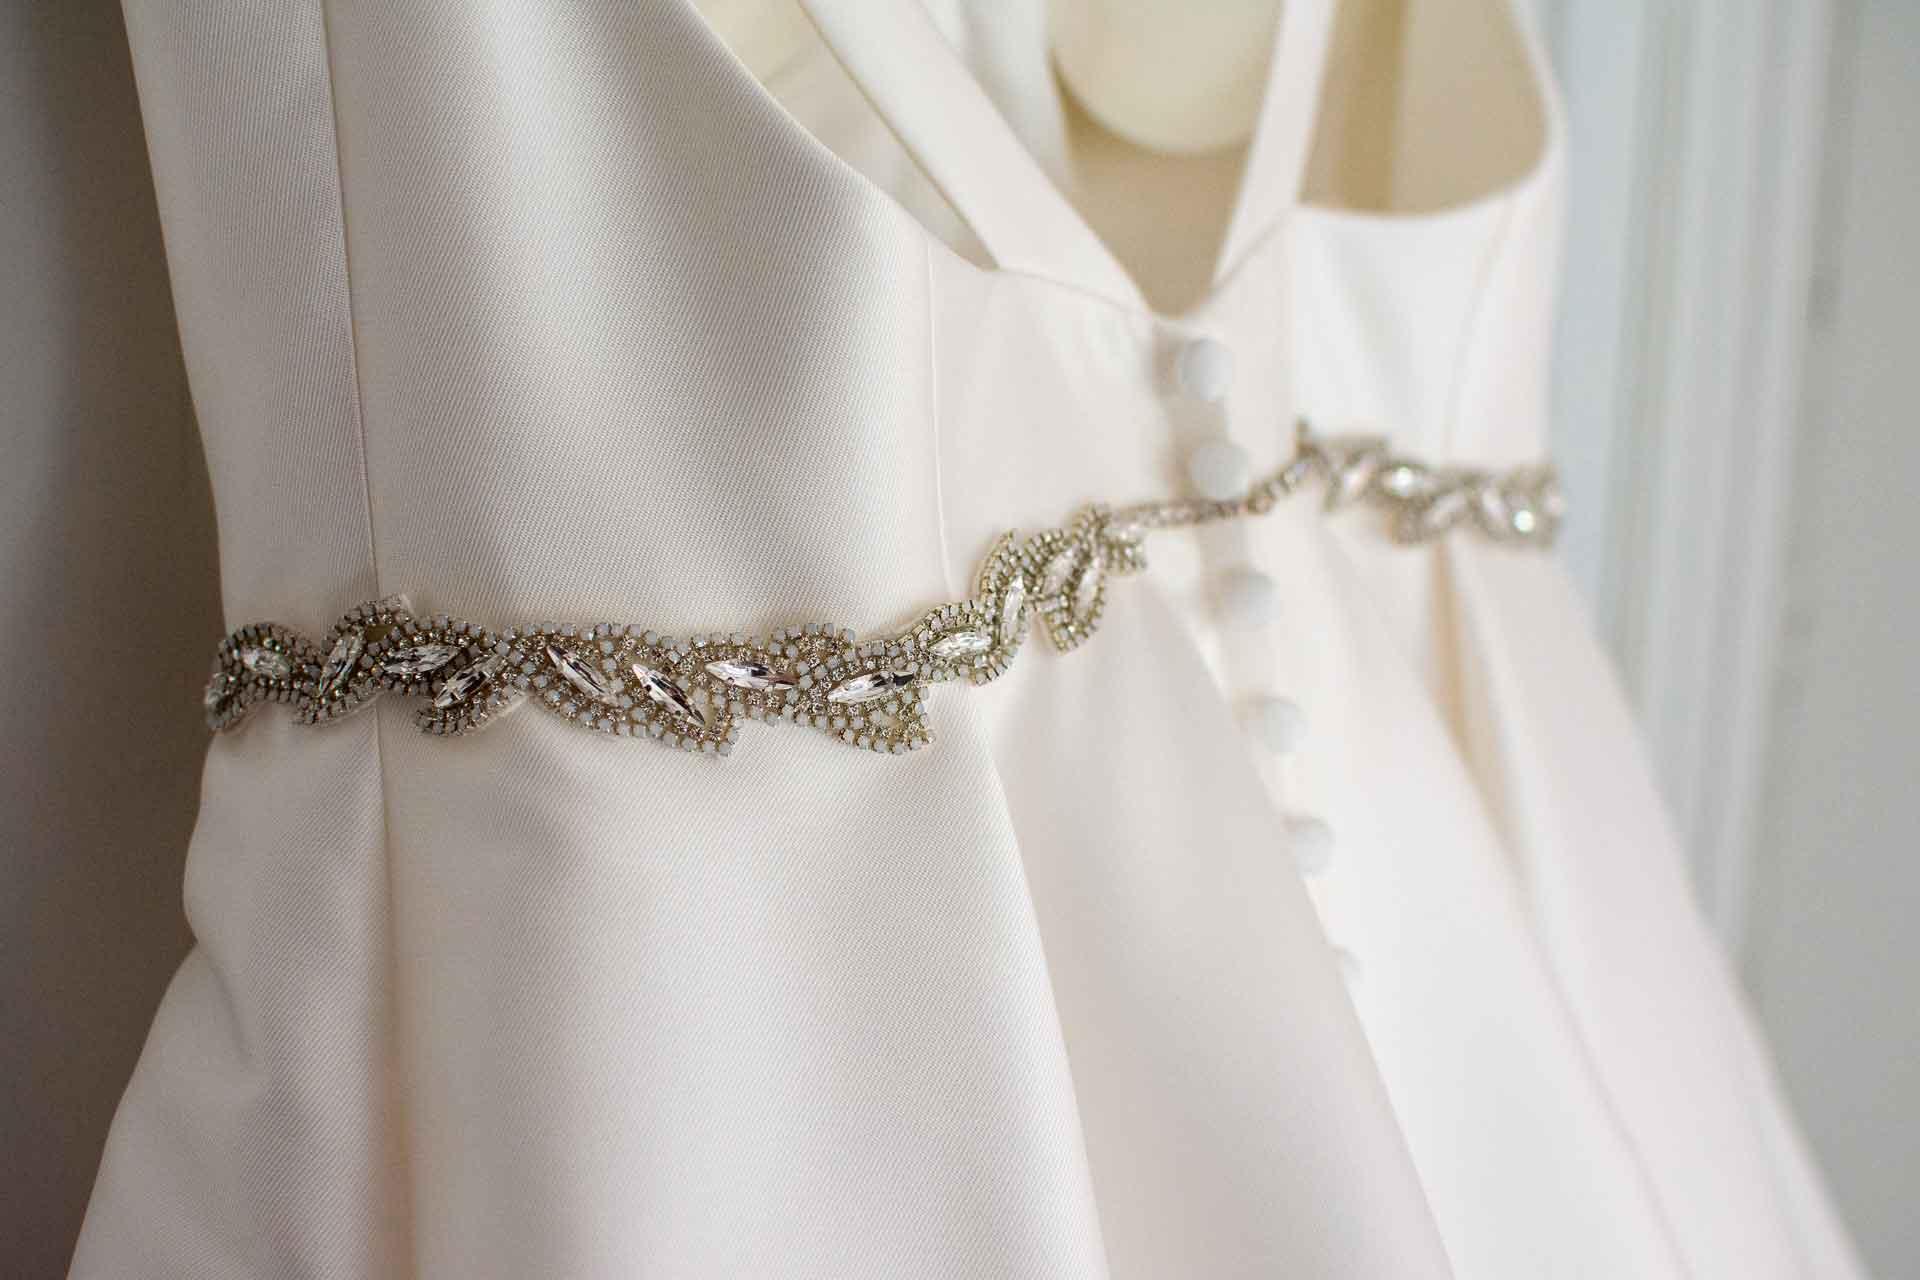 diamante wedding dress details